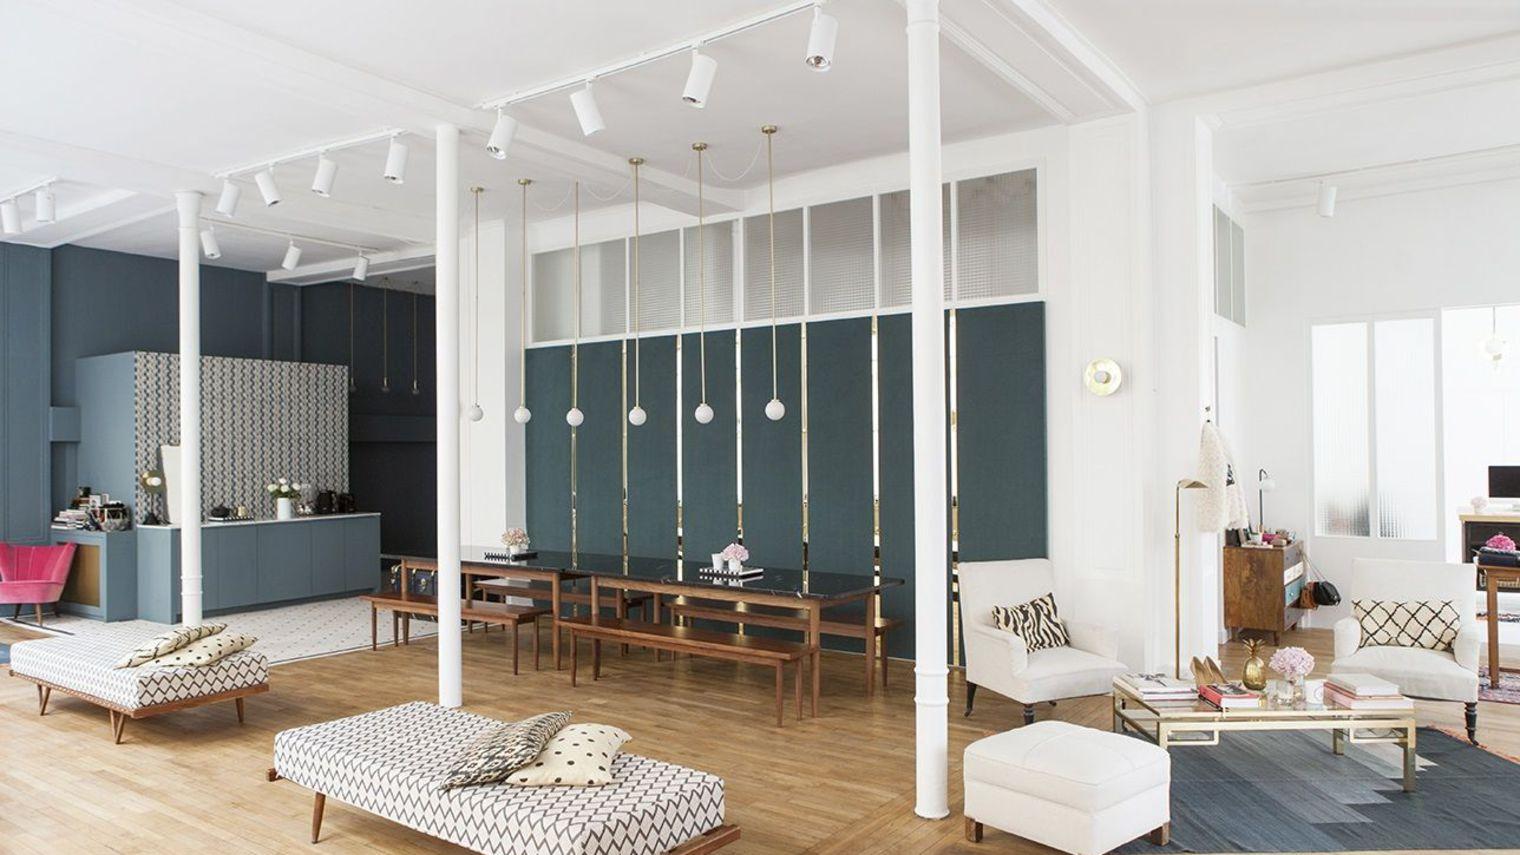 Location appartement Montpellier: pour une expérience inoubliable